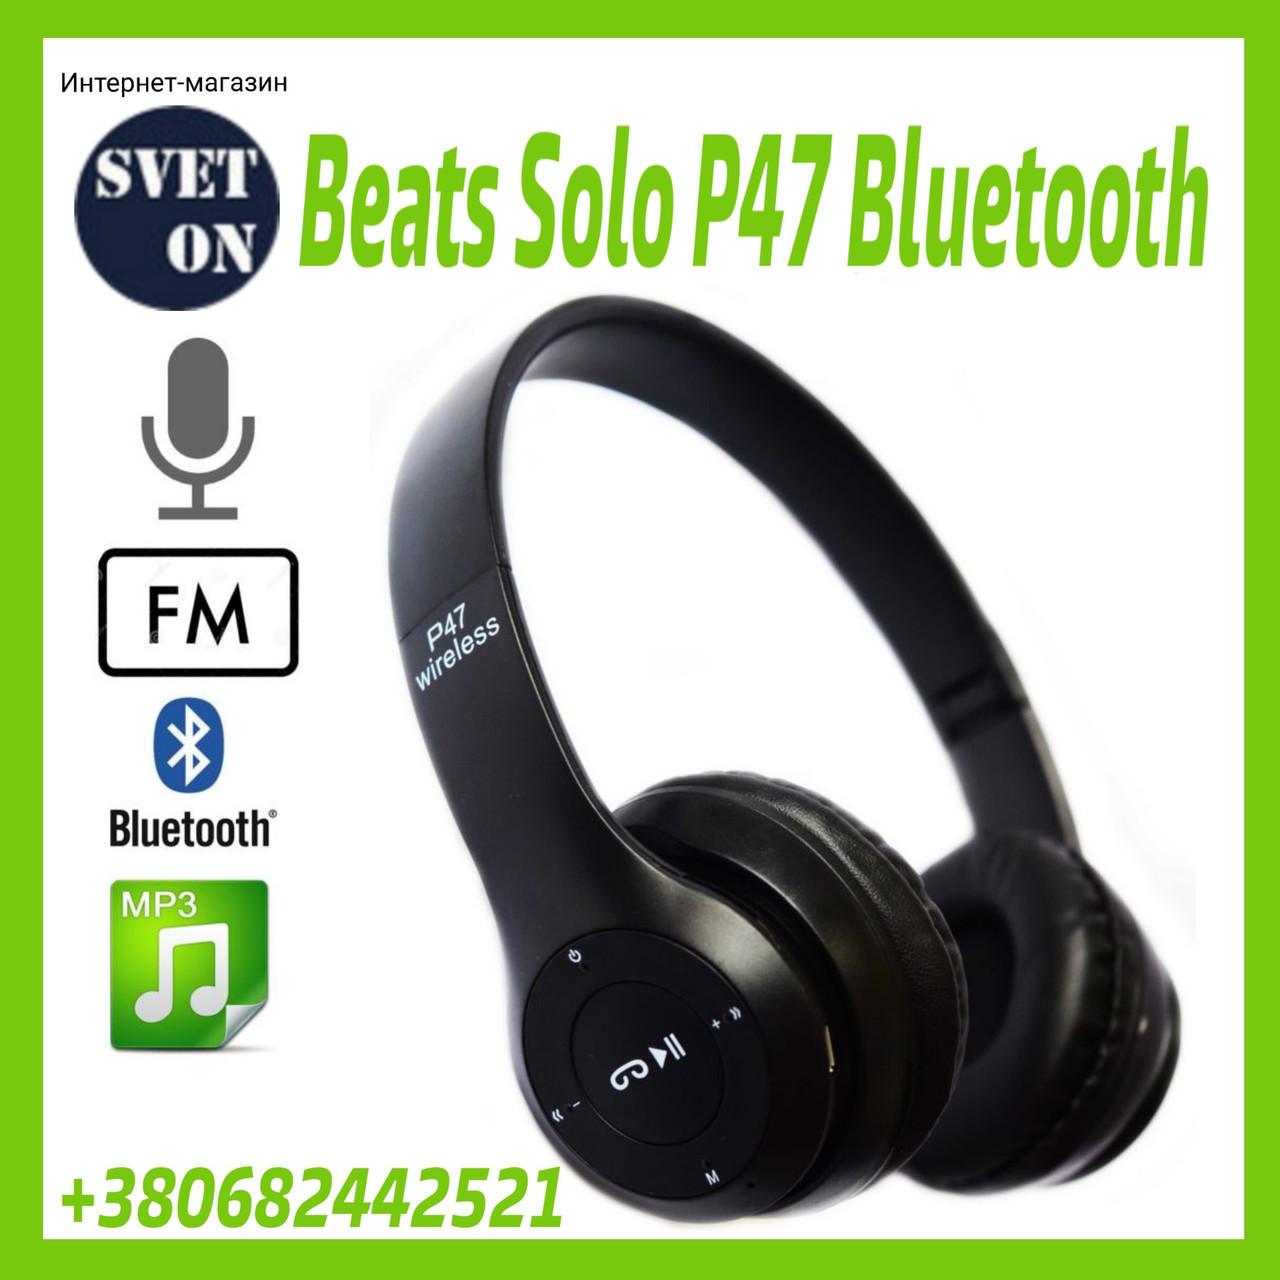 Наушники Beats solo 2 P47 беспроводные 4.1+EDR Wireless headphones bluetooth черные копия